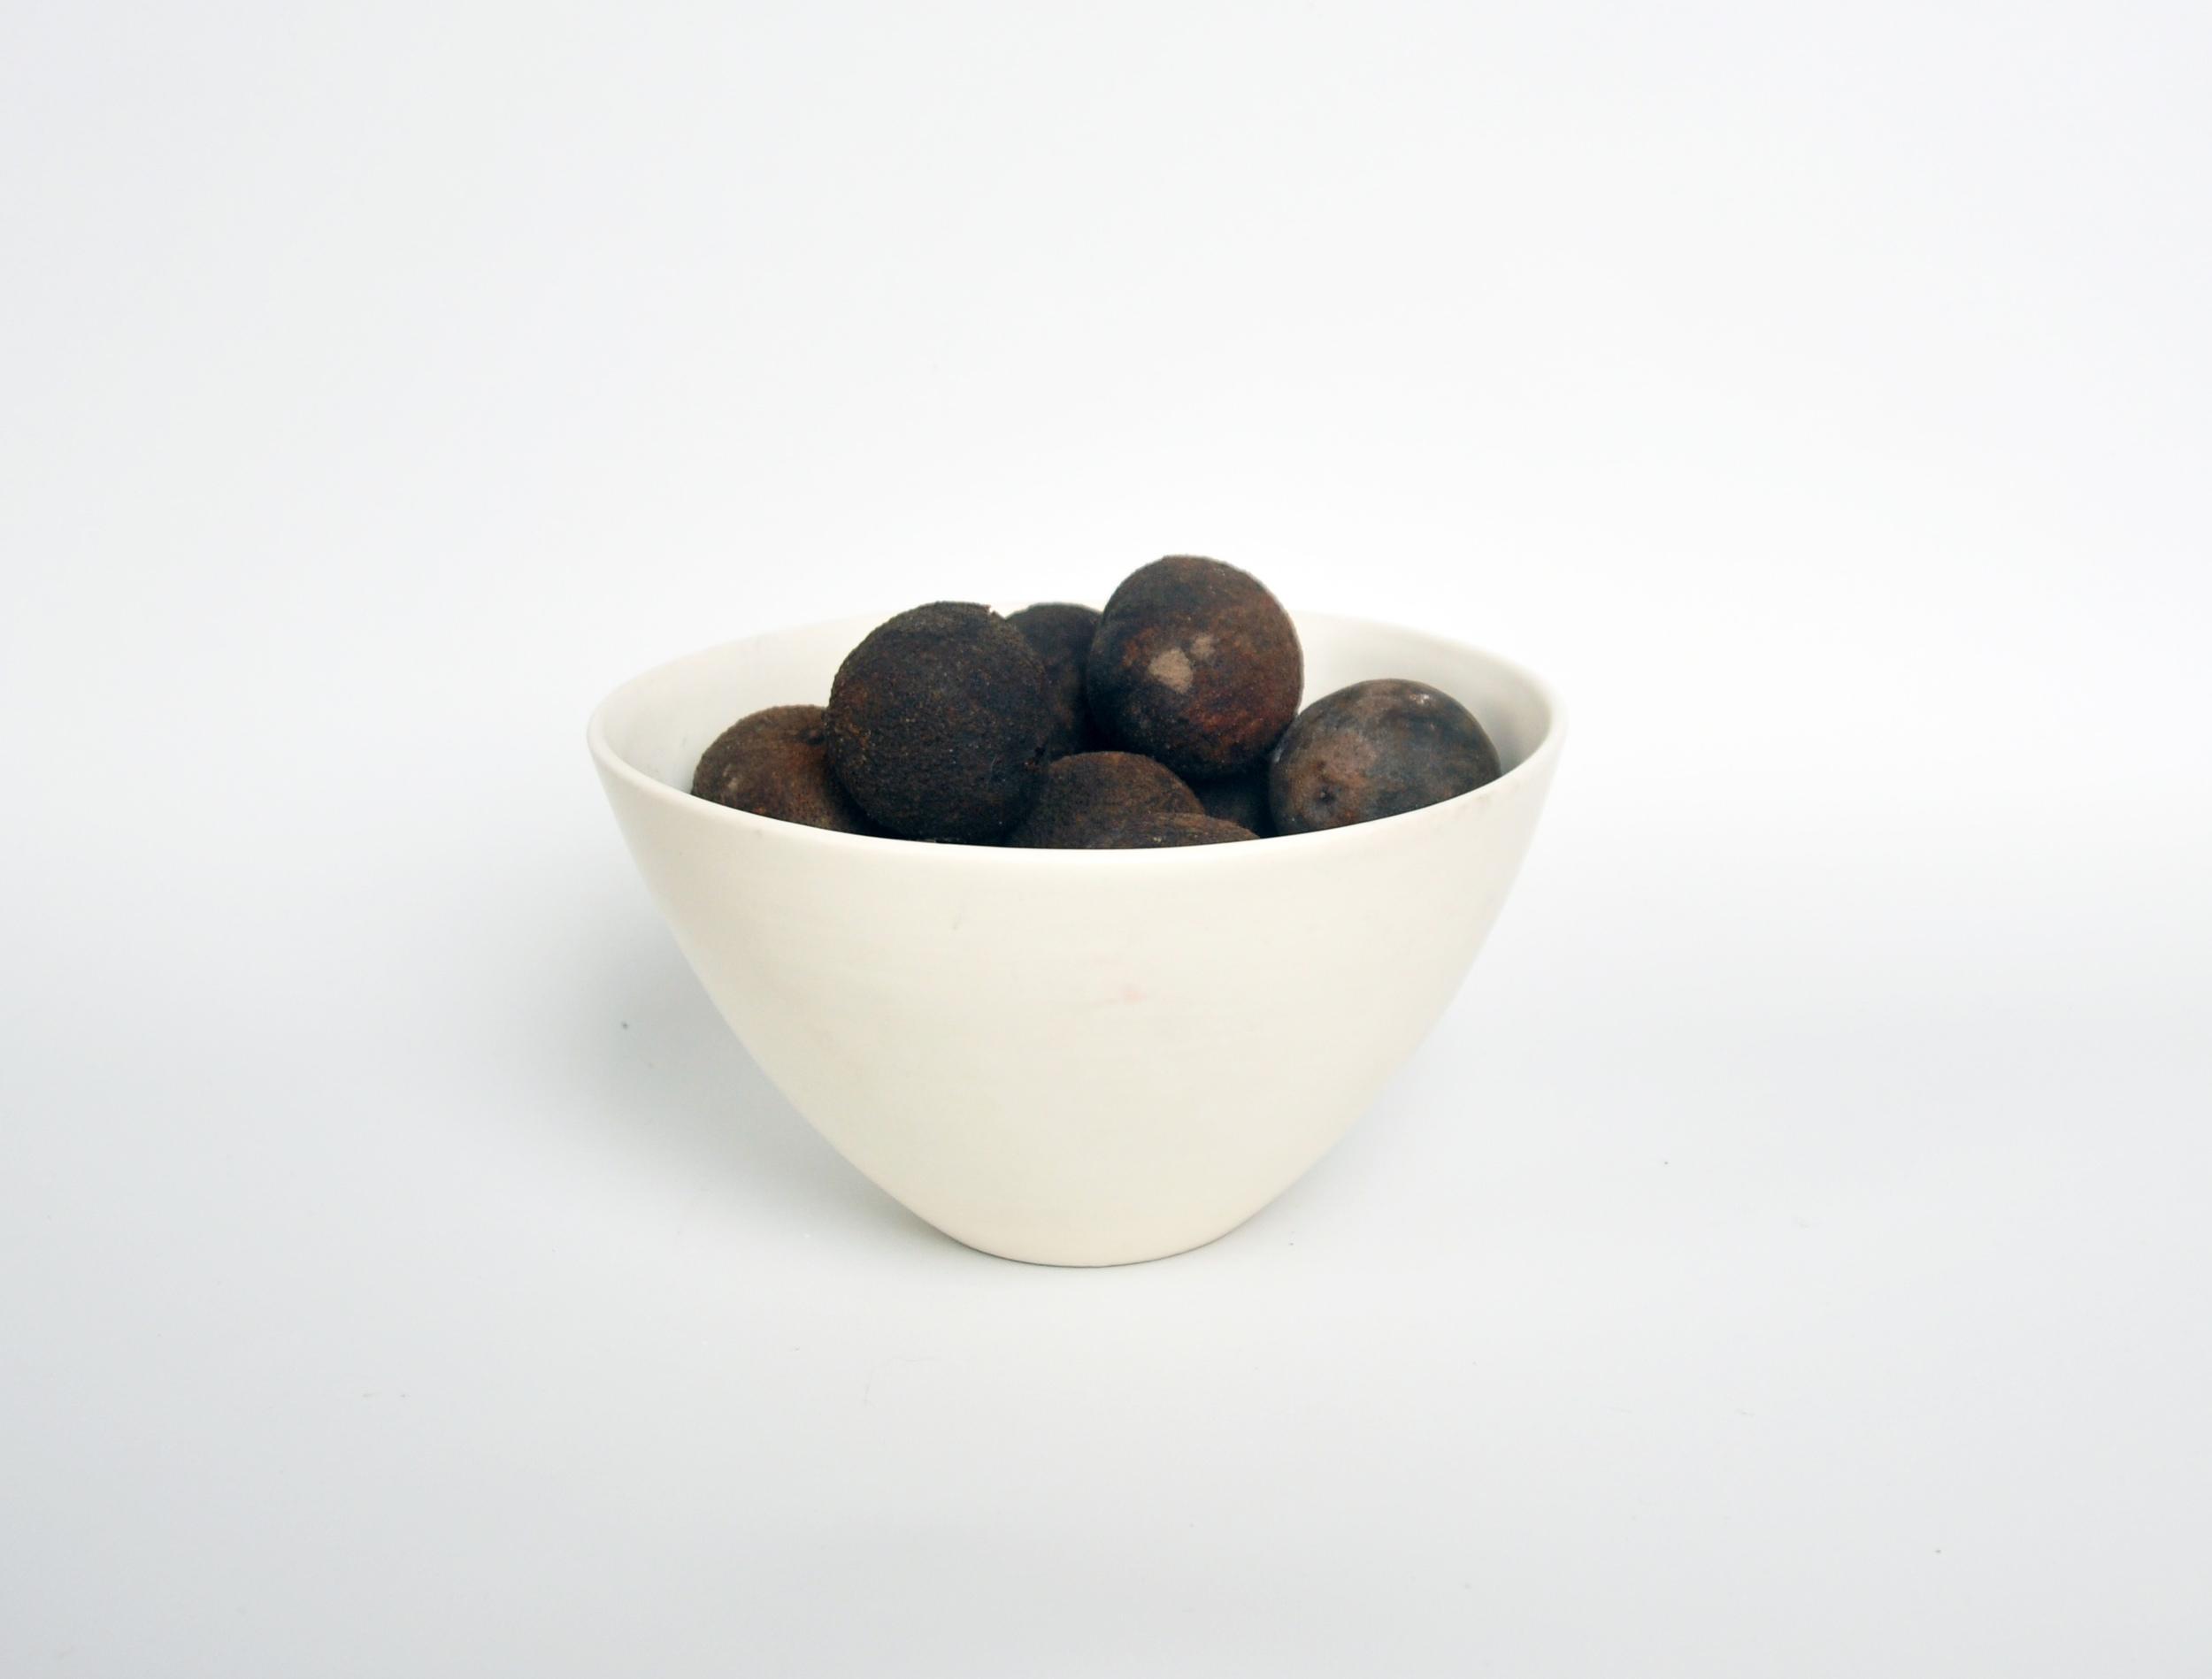 sm serving bowl w walnuts.jpg